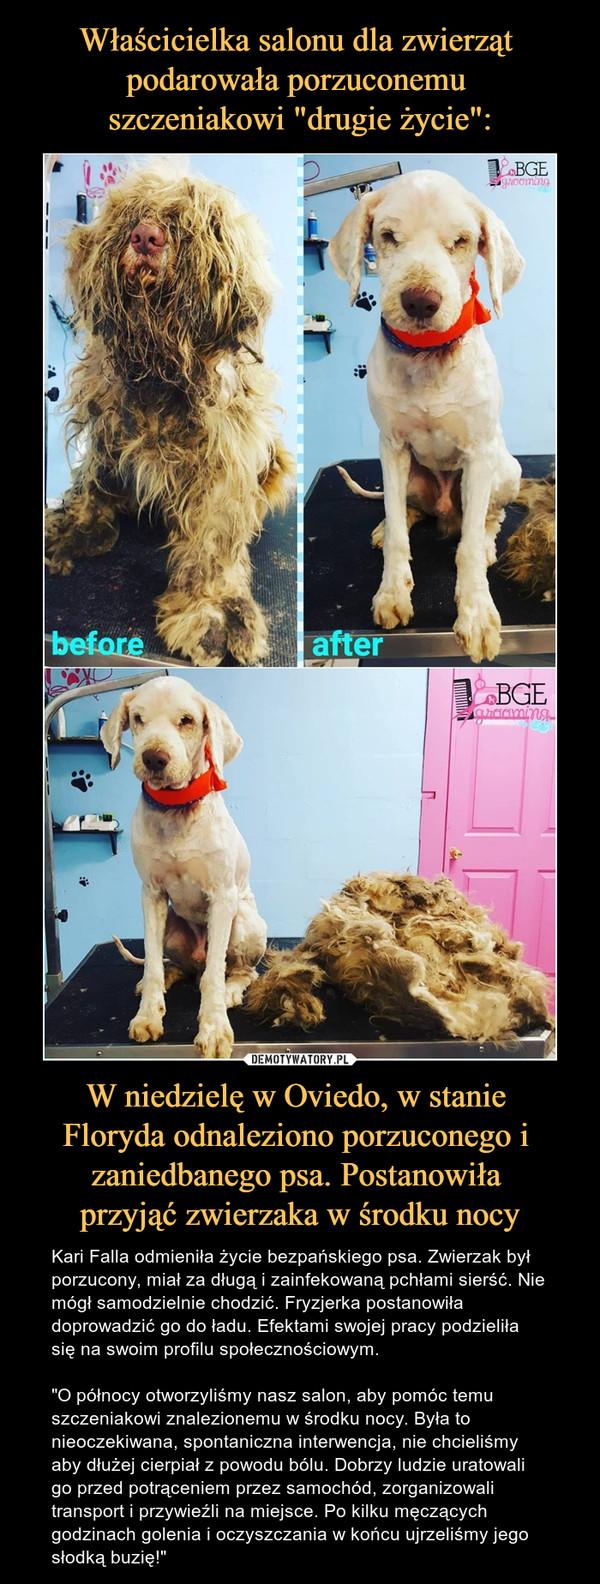 """W niedzielę w Oviedo, w stanie Floryda odnaleziono porzuconego i zaniedbanego psa. Postanowiła przyjąć zwierzaka w środku nocy – Kari Falla odmieniła życie bezpańskiego psa. Zwierzak był porzucony, miał za długą i zainfekowaną pchłami sierść. Nie mógł samodzielnie chodzić. Fryzjerka postanowiła doprowadzić go do ładu. Efektami swojej pracy podzieliła się na swoim profilu społecznościowym.""""O północy otworzyliśmy nasz salon, aby pomóc temu szczeniakowi znalezionemu w środku nocy. Była to nieoczekiwana, spontaniczna interwencja, nie chcieliśmy aby dłużej cierpiał z powodu bólu. Dobrzy ludzie uratowali go przed potrąceniem przez samochód, zorganizowali transport i przywieźli na miejsce. Po kilku męczących godzinach golenia i oczyszczania w końcu ujrzeliśmy jego słodką buzię!"""" before after"""